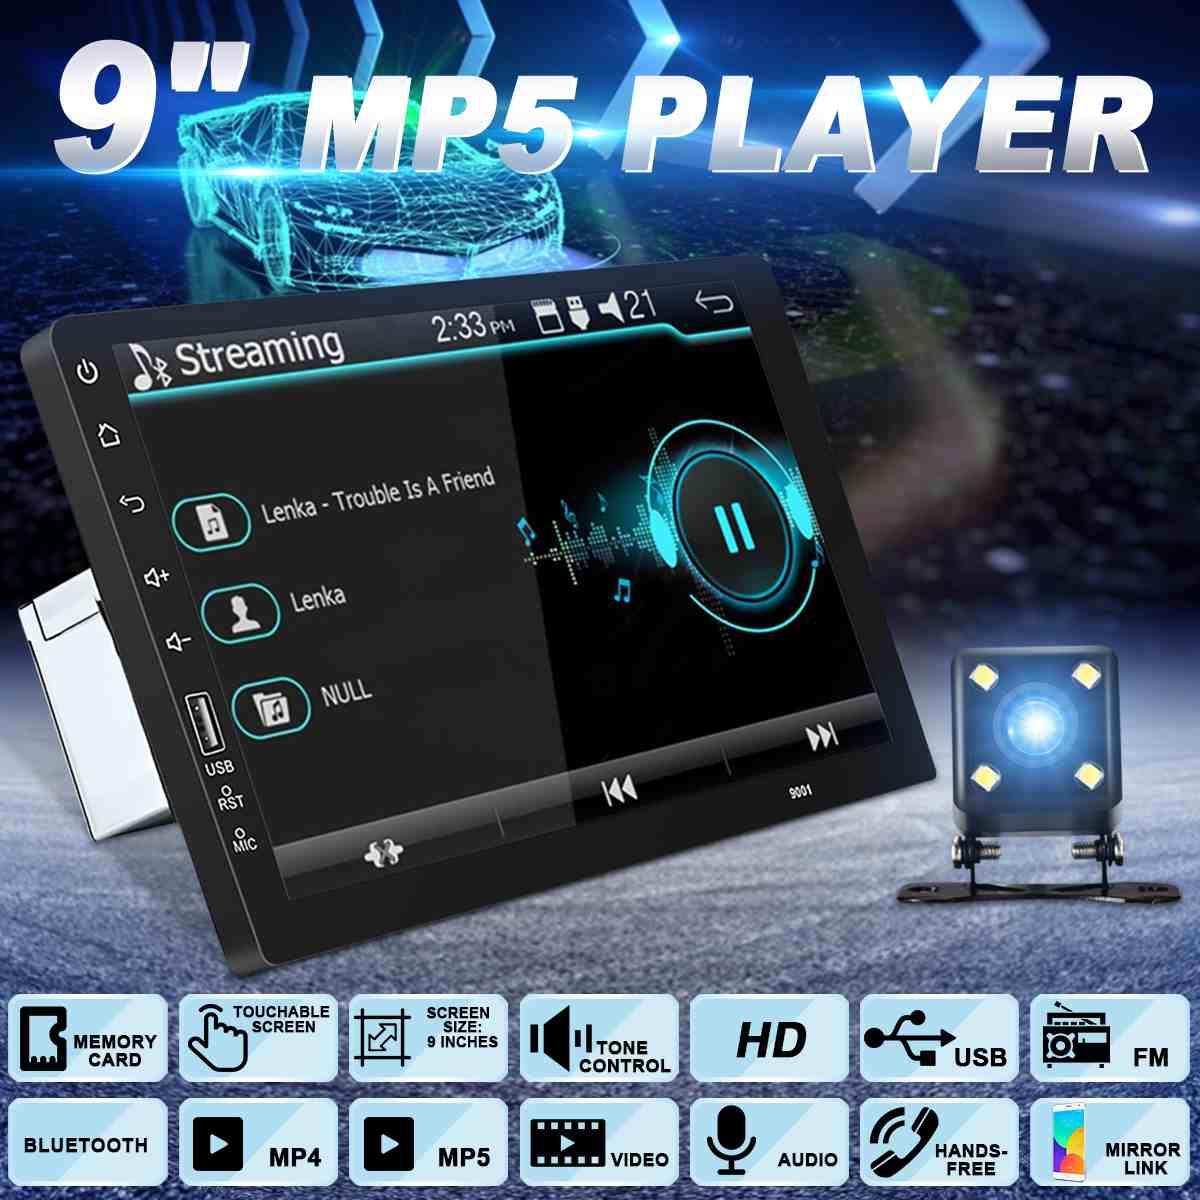 9 pouces 1DIN universel voiture stéréo MP3 MP4 MP5 lecteur 1080 P Radio Indash FM bluetooth Touchable avec caméra arrière lecteur multimédia